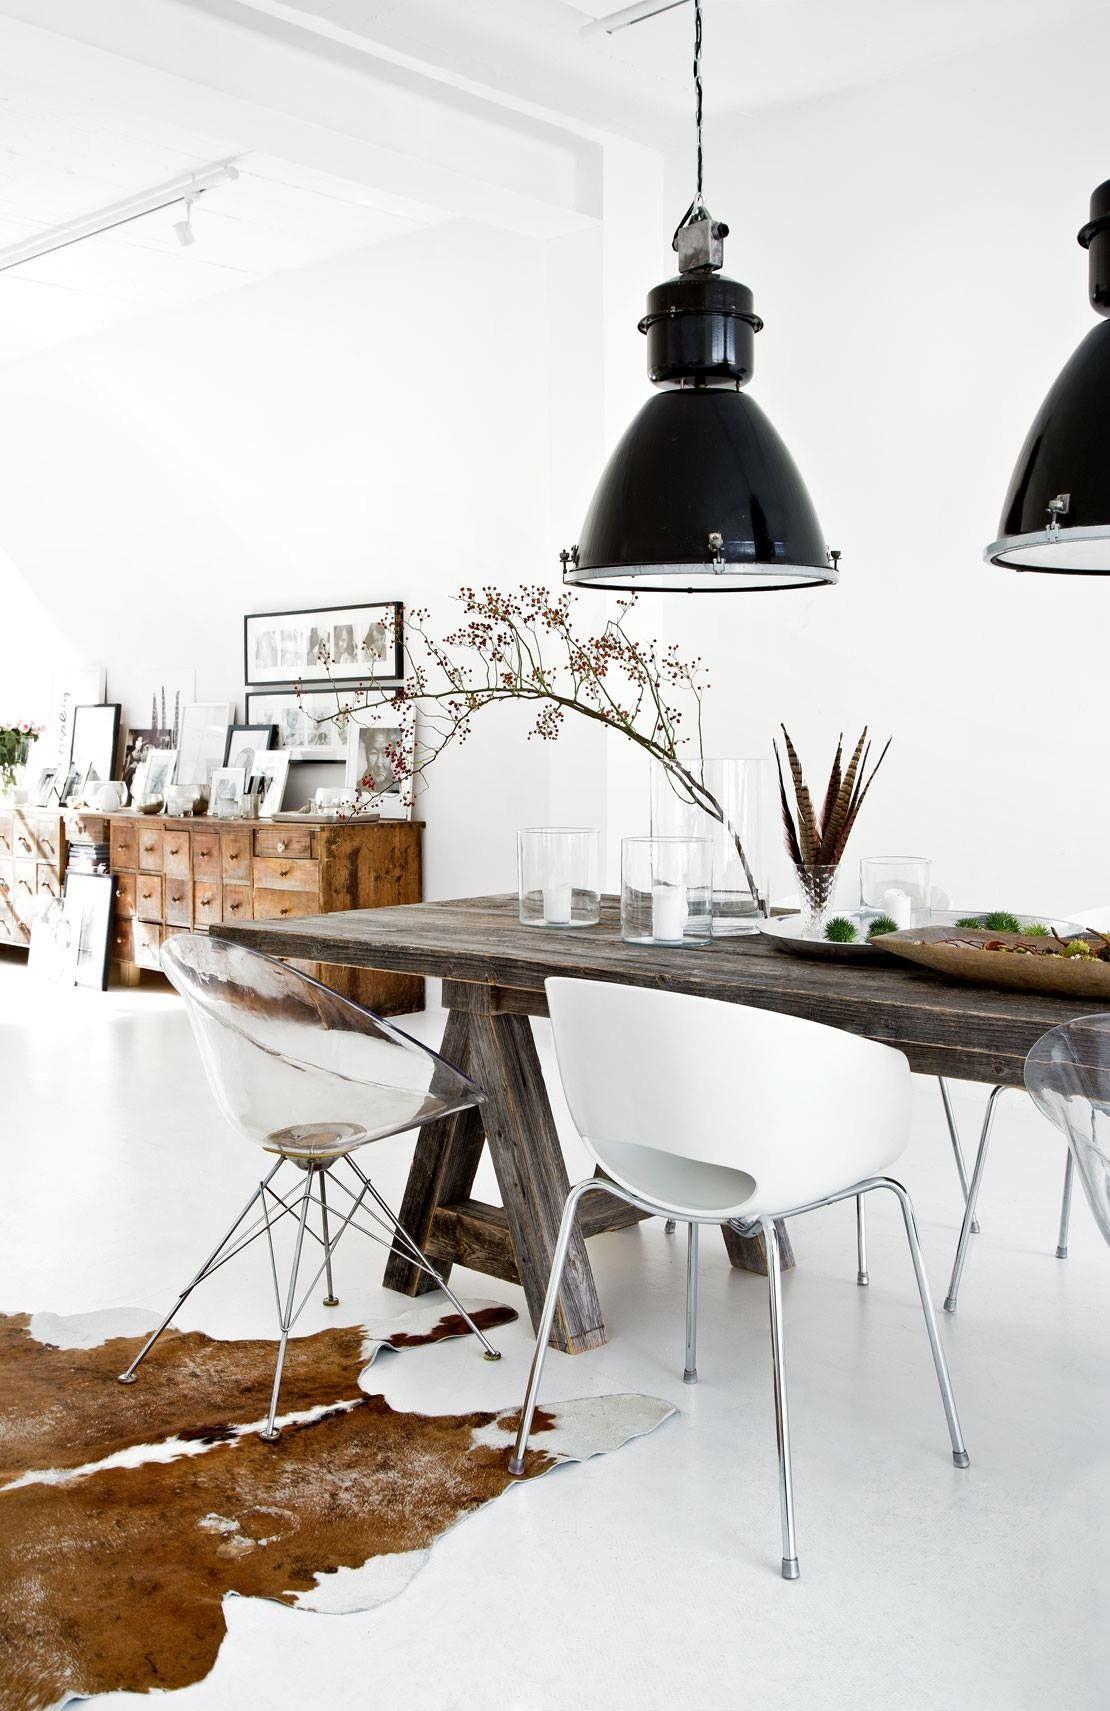 Esszimmer Loft Modern Skandinavisch Schlicht Minimalistisch Esstisch  Altholz, Platikstühle Kartell Orbit, Industrieleuchten Schwarz,